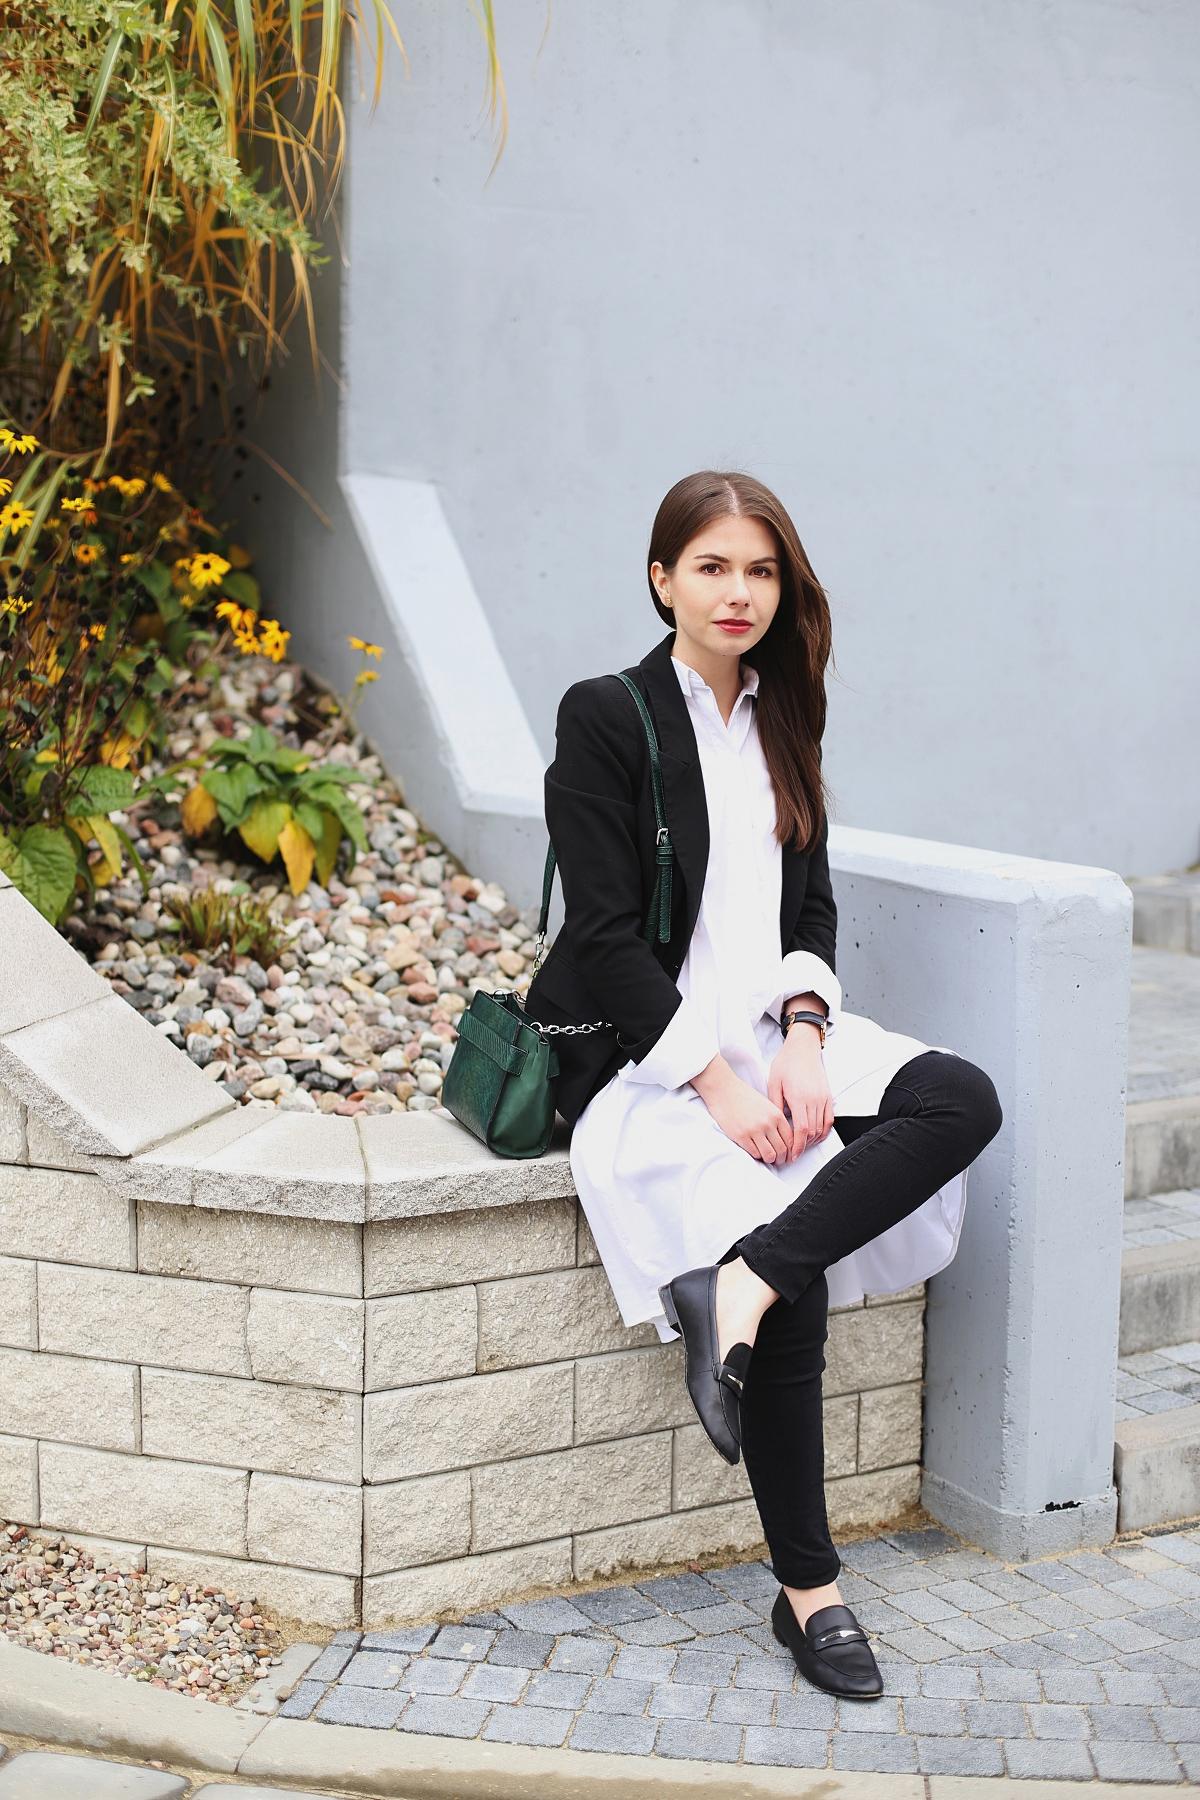 Minimalizm - elegancka stylizacja do pracy